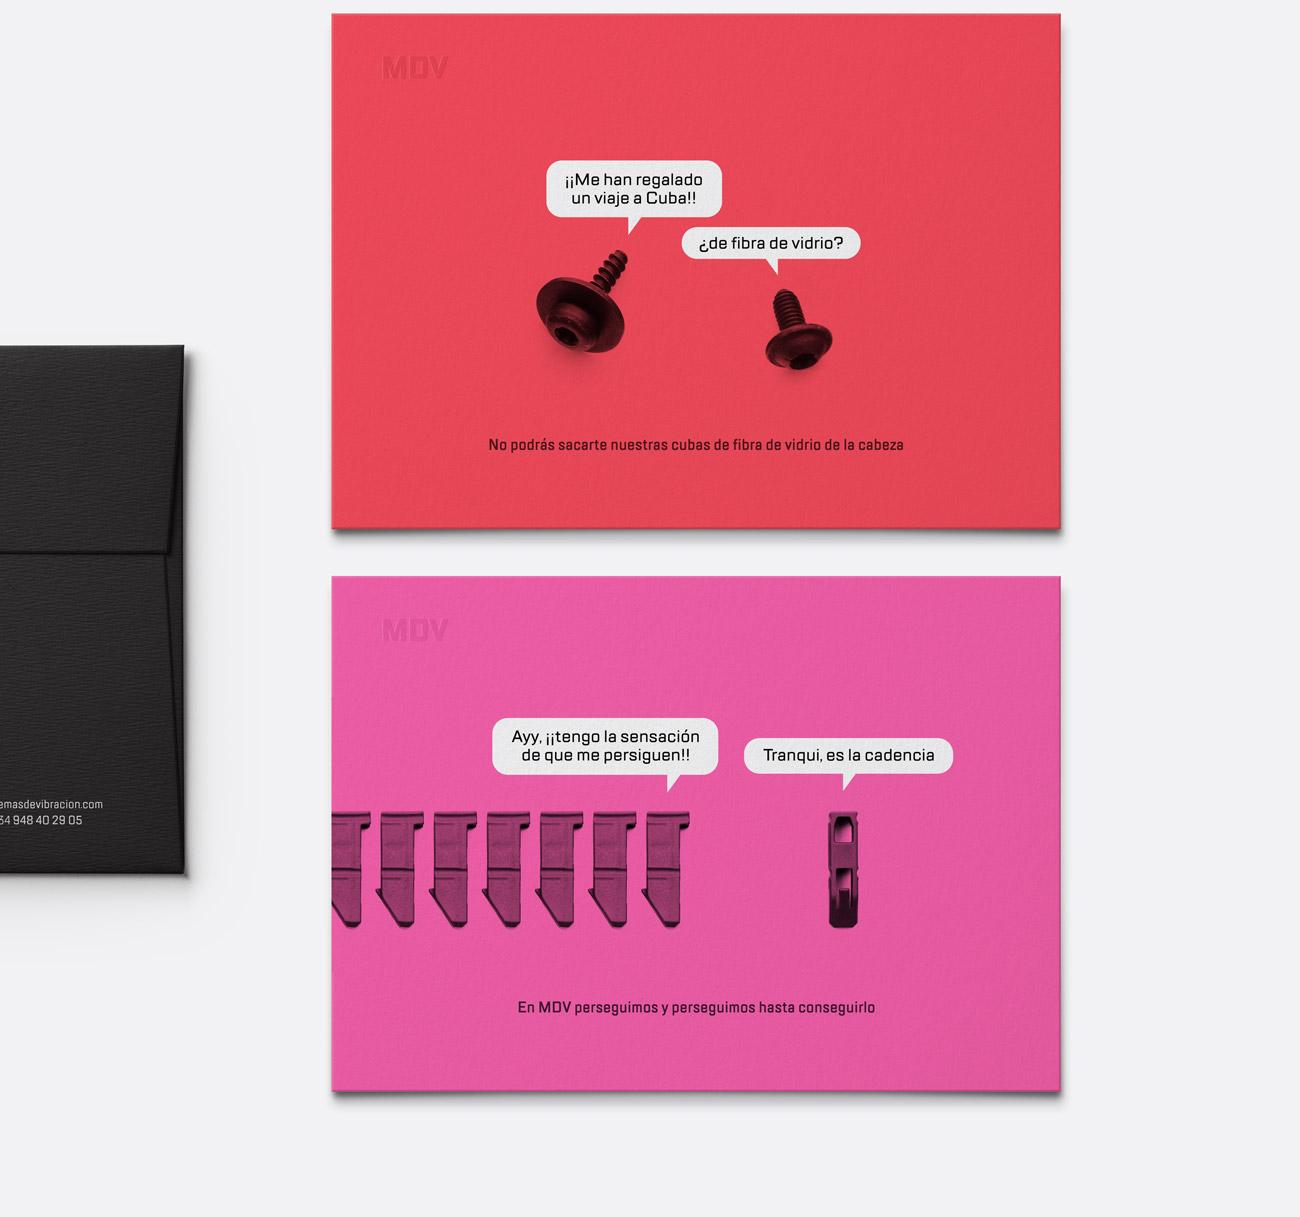 Presentación de campaña para MDV de impresiones de creatividad piezas parlantes versión tarjetas roja y rosa